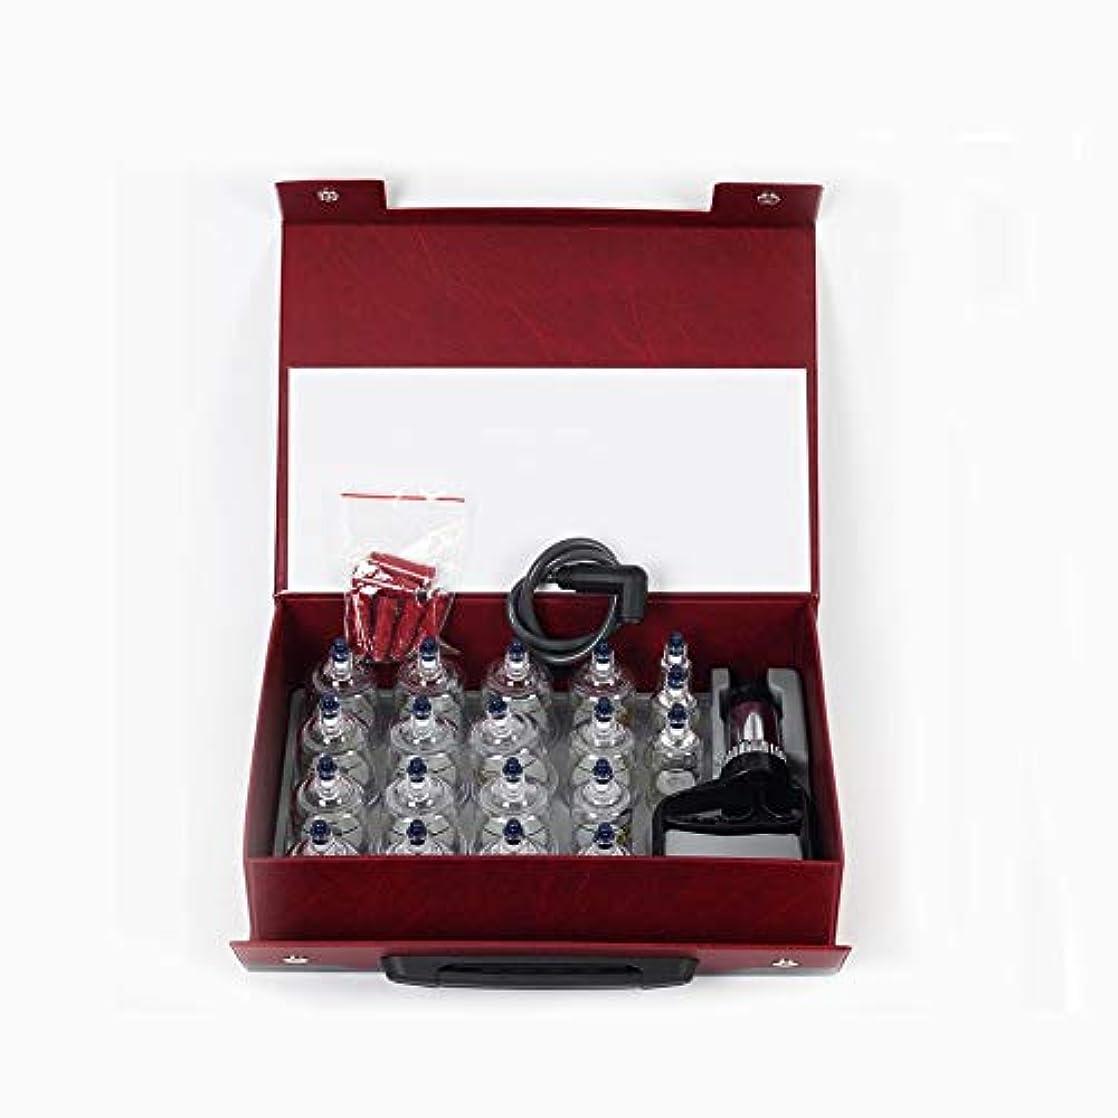 機会マディソンアルコールカッピング セップレミアム品質のカッピングセットセラピーマッサージセット血液循環筋肉および関節痛セルライト用のシリコン真空吸引カッピングカップ(クリア、19)